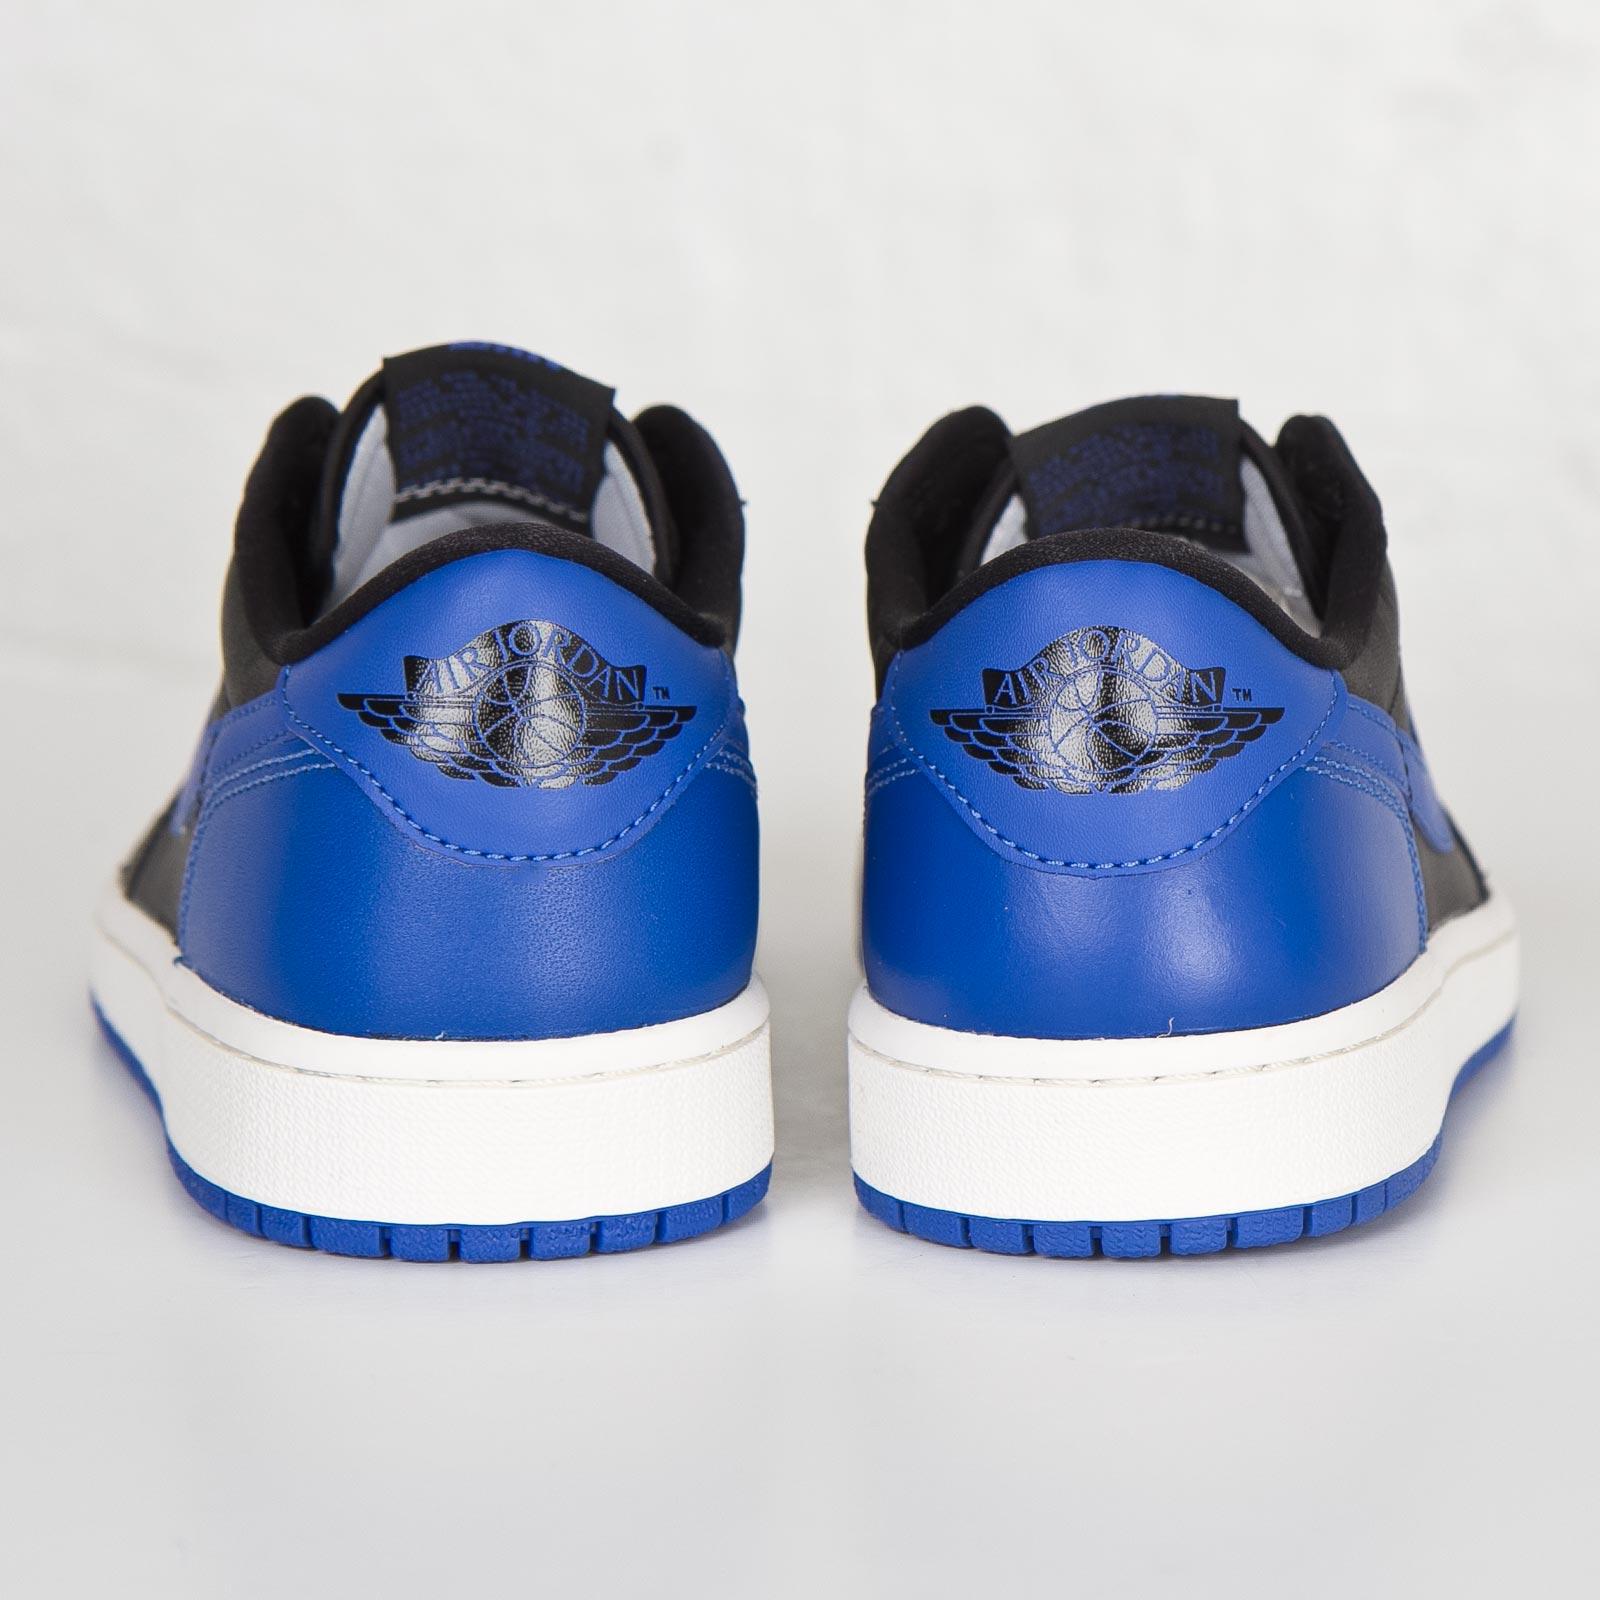 best service 5fb20 ede88 Jordan Brand Air Jordan 1 Retro Low OG - 705329-004 - Sneakersnstuff    sneakers   streetwear online since 1999